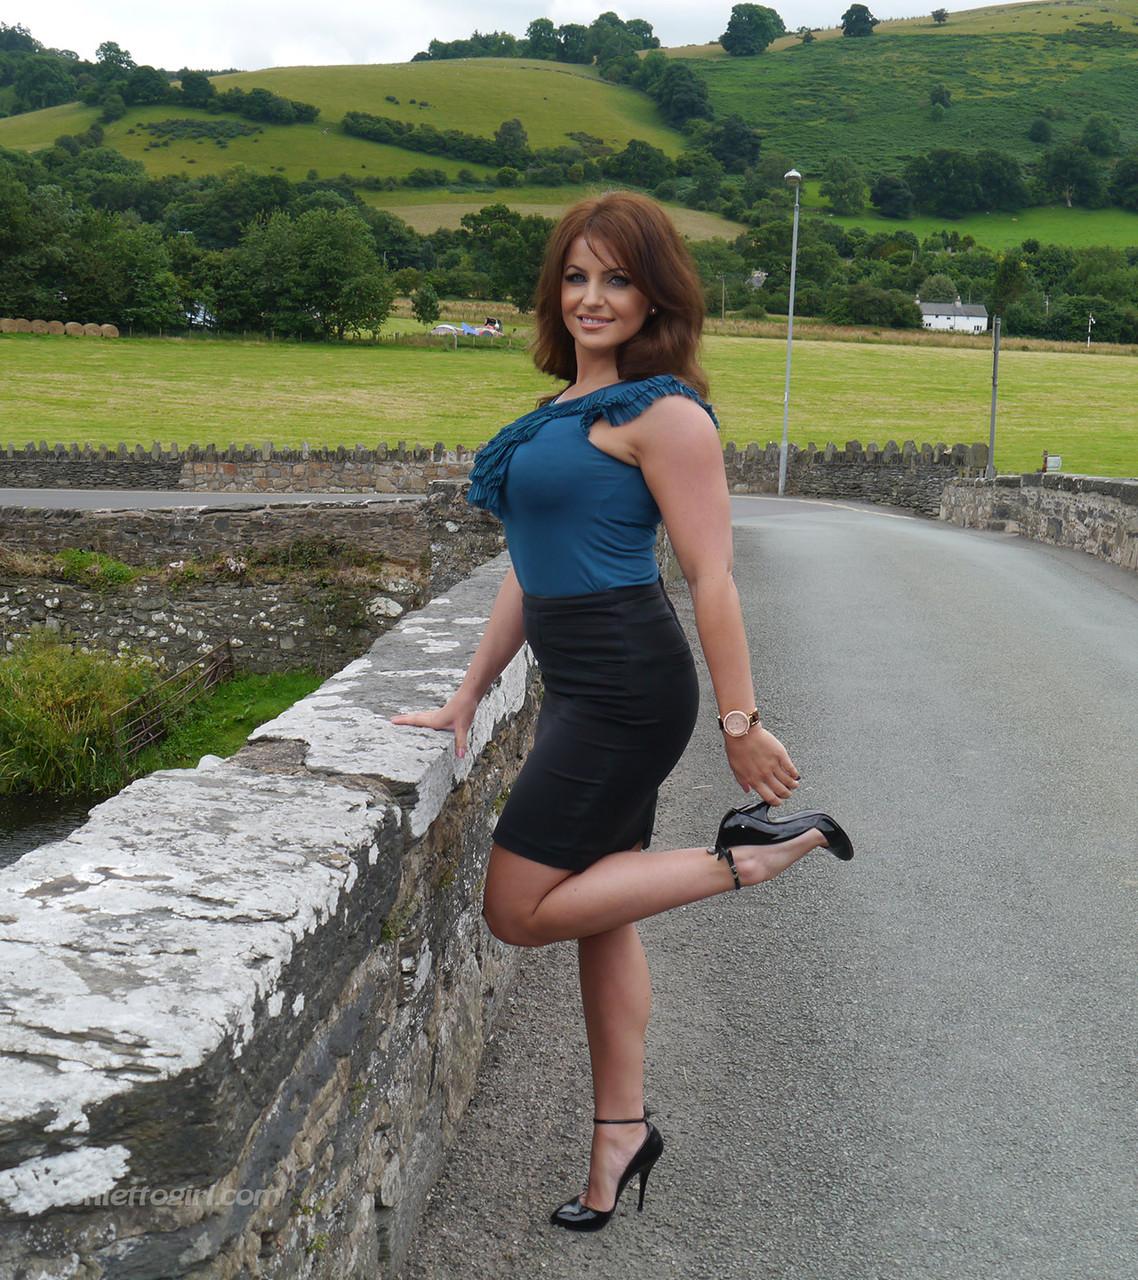 Ухоженная зрелая женщина в юбке и на высоких каблуках